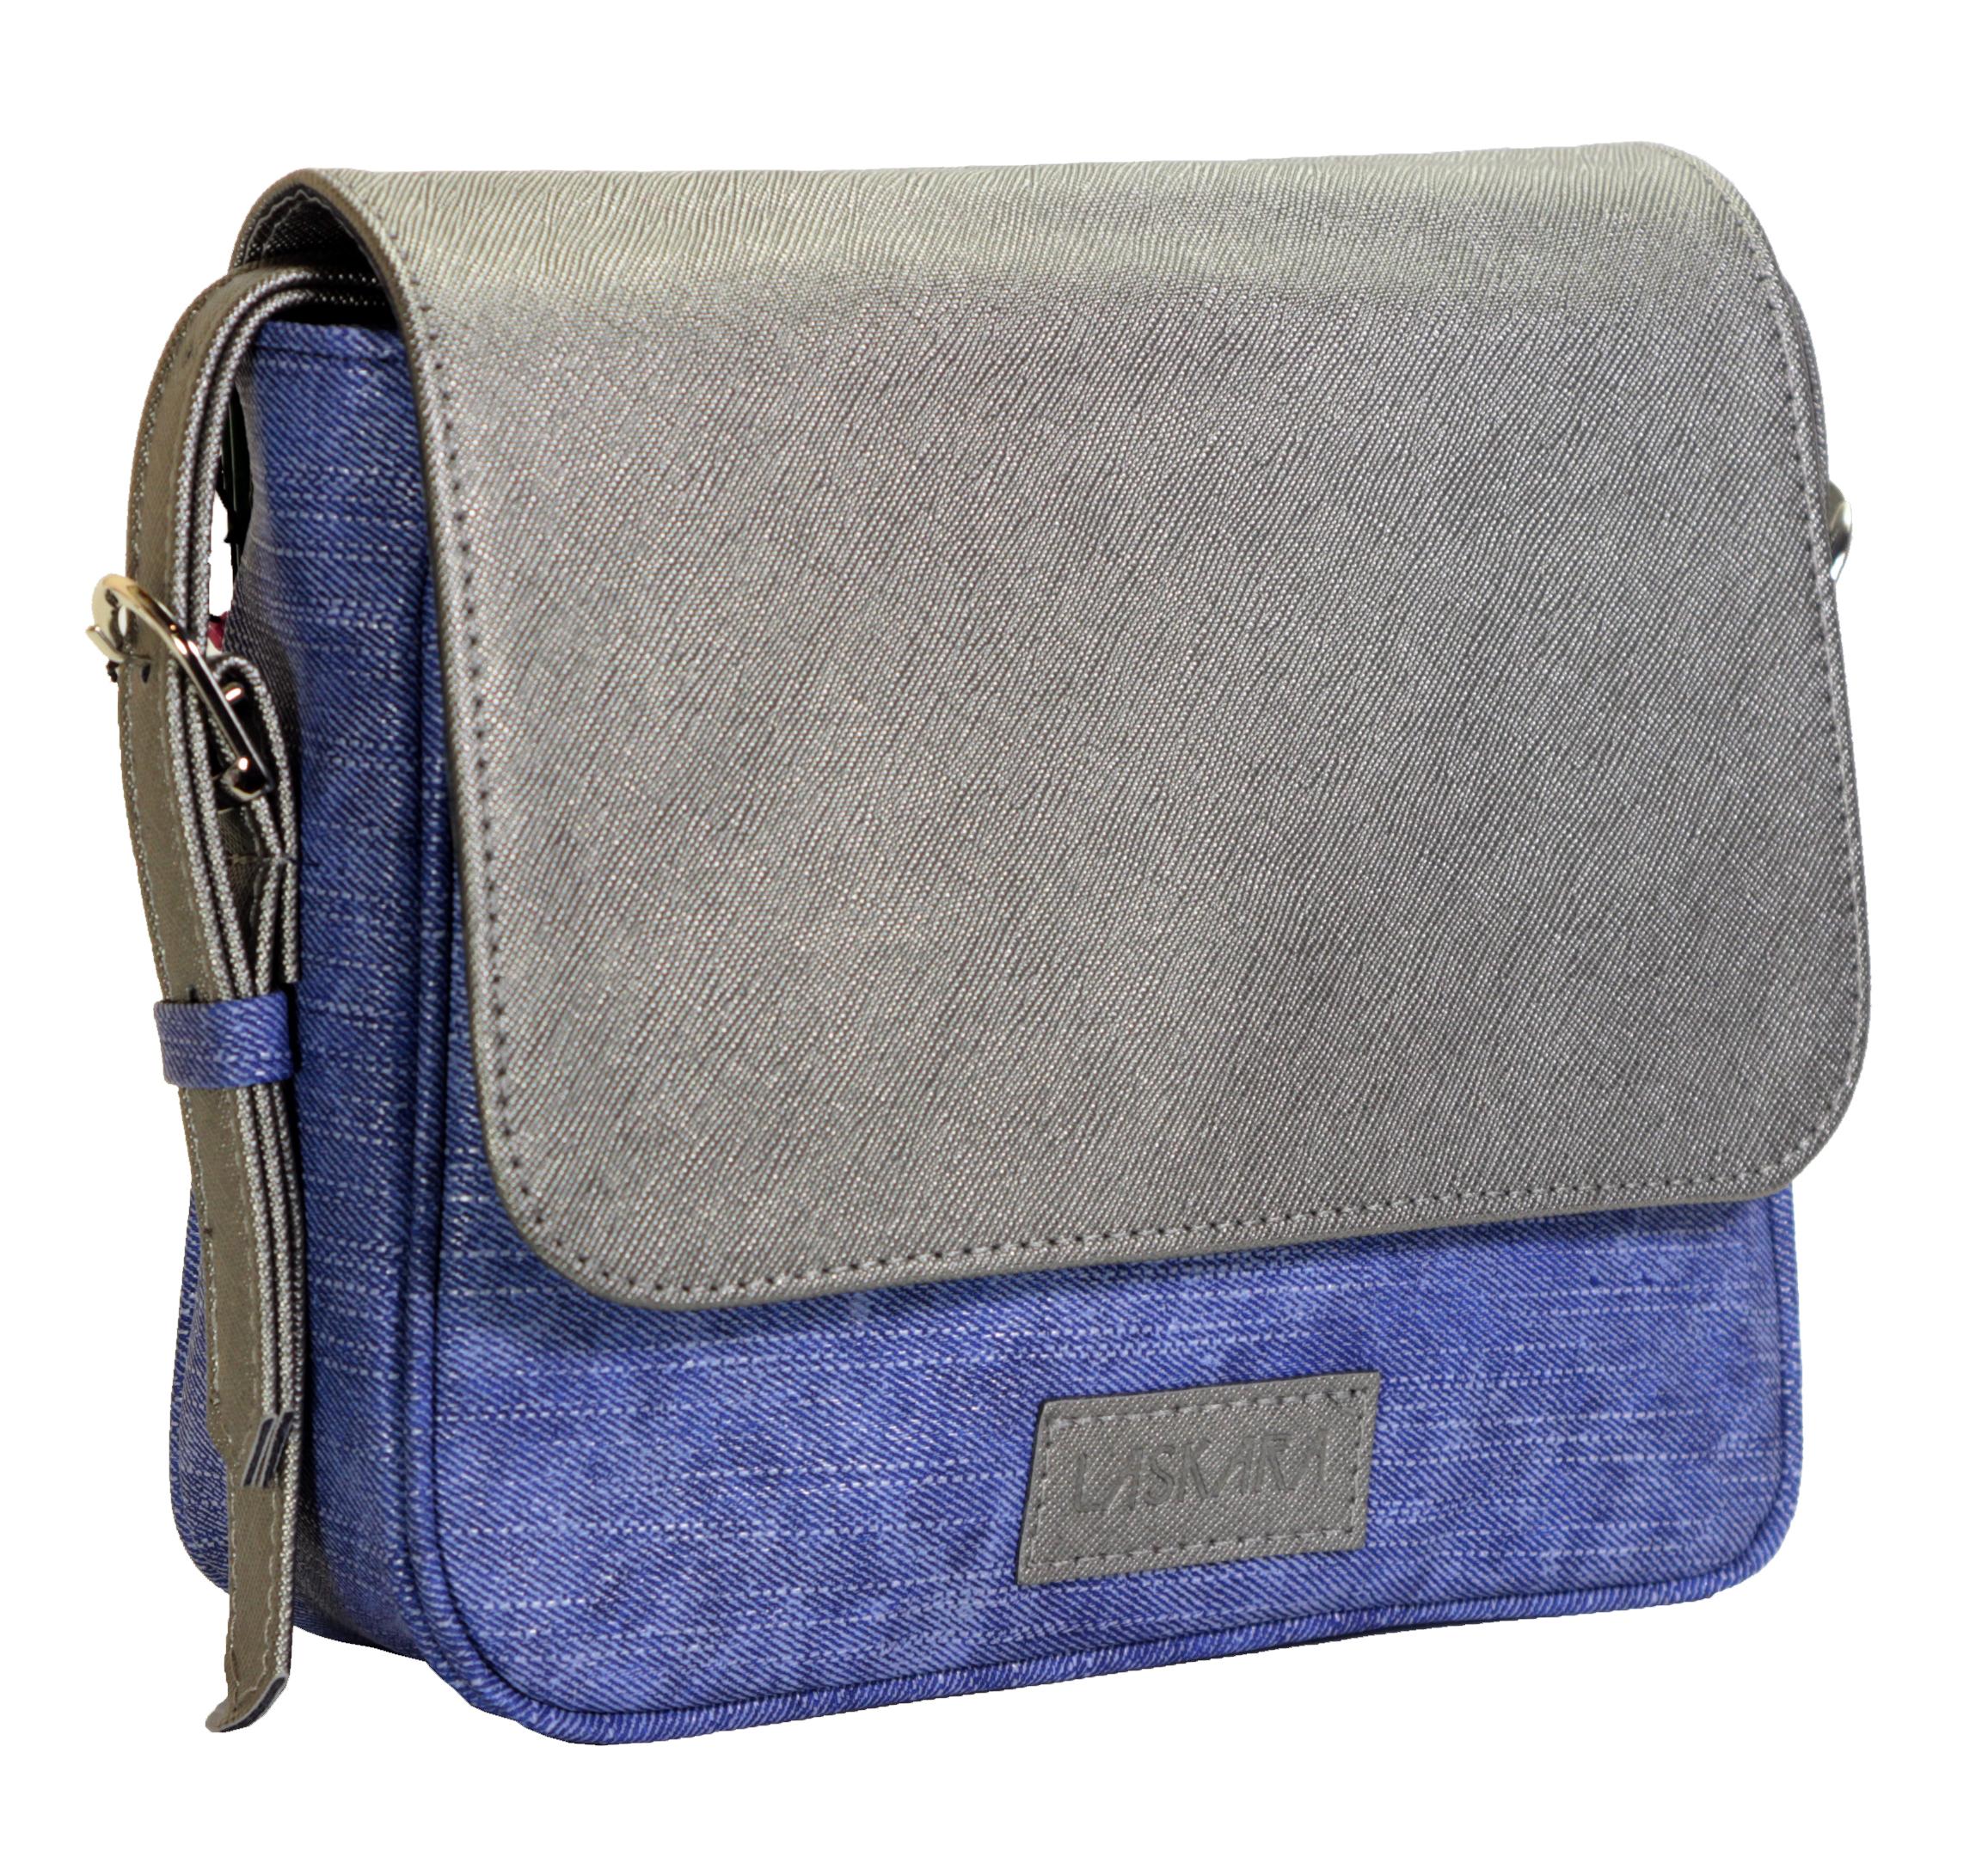 Crossbody kabelka v džínovém provedení 11-10245-silver-denim-blue - boční pohled